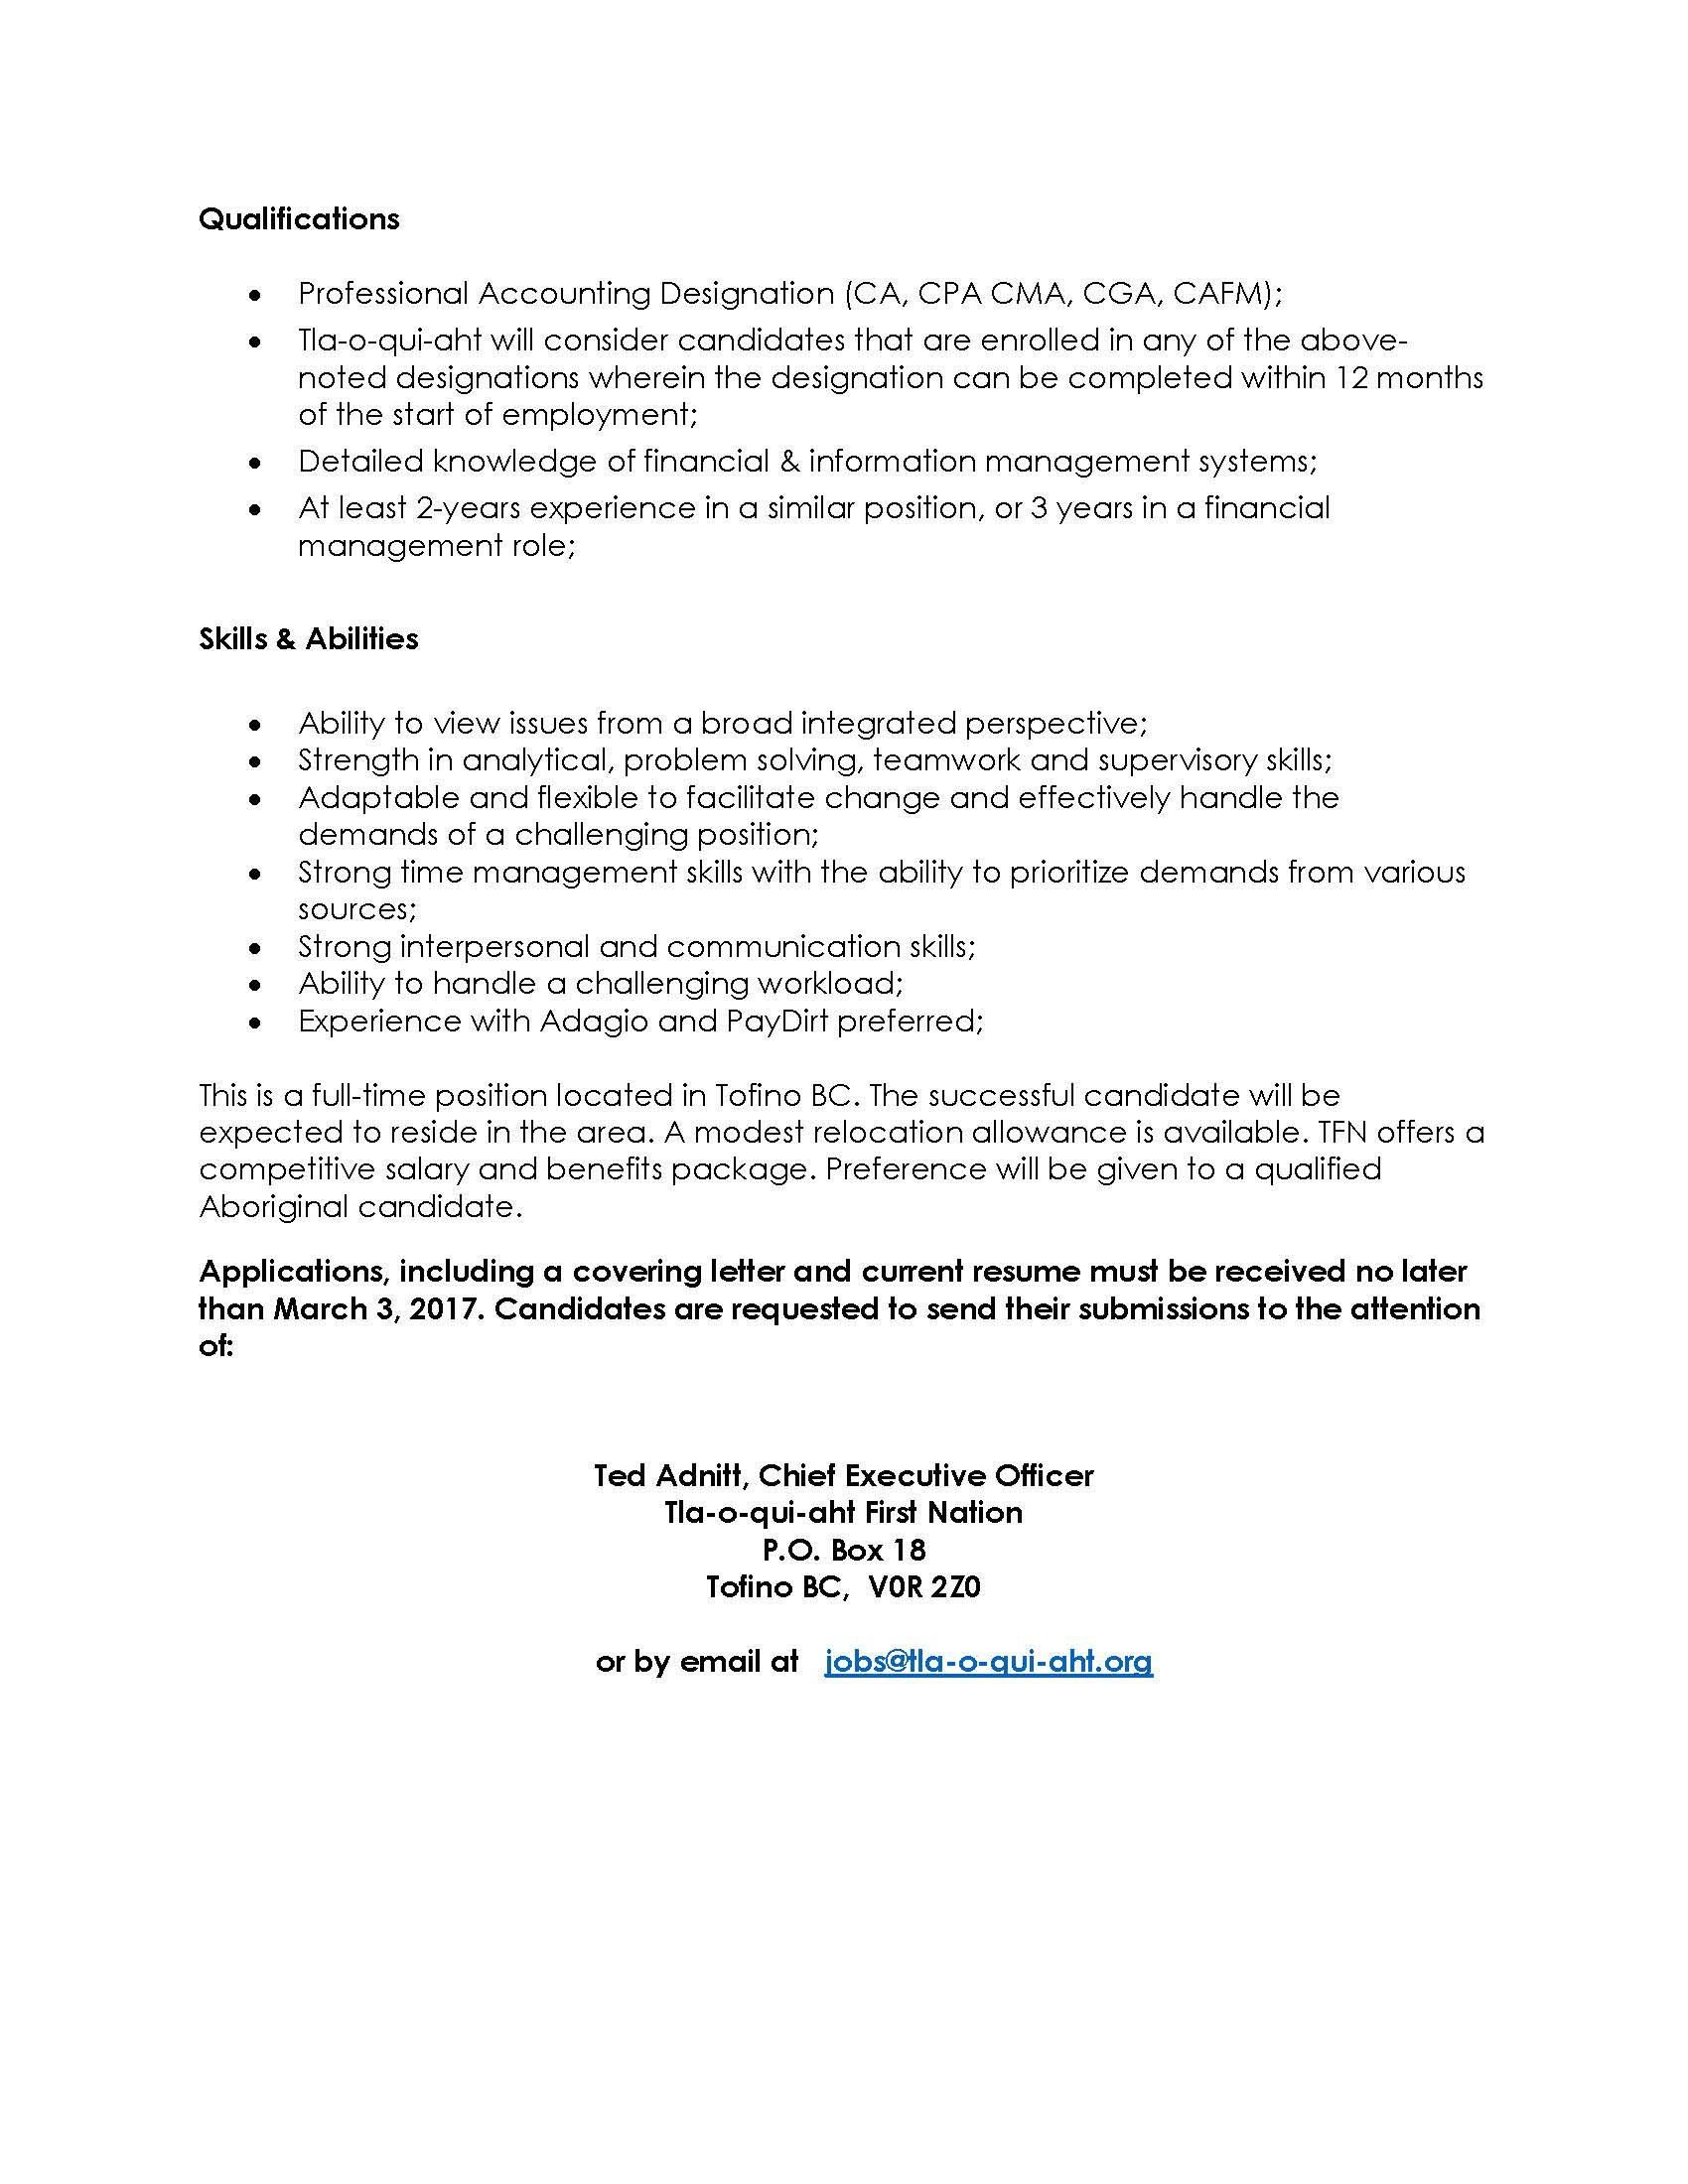 TFN CFO Job Posting Feb 2017_Page_2.jpg